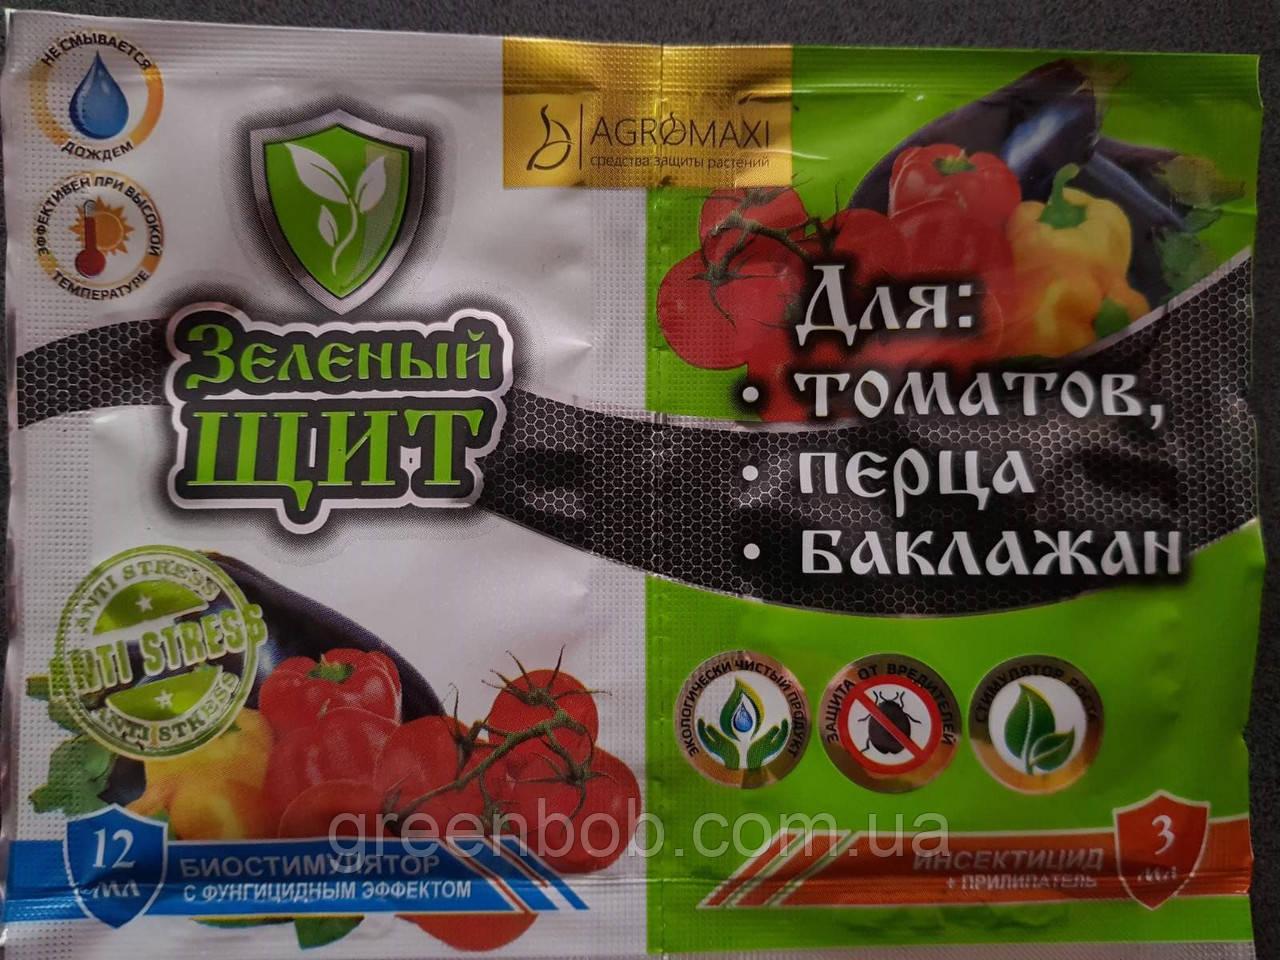 """СПАСАТЕЛЬ """"Зеленый щит"""" томатов, перца и баклажан 3 мл+12 мл\г"""